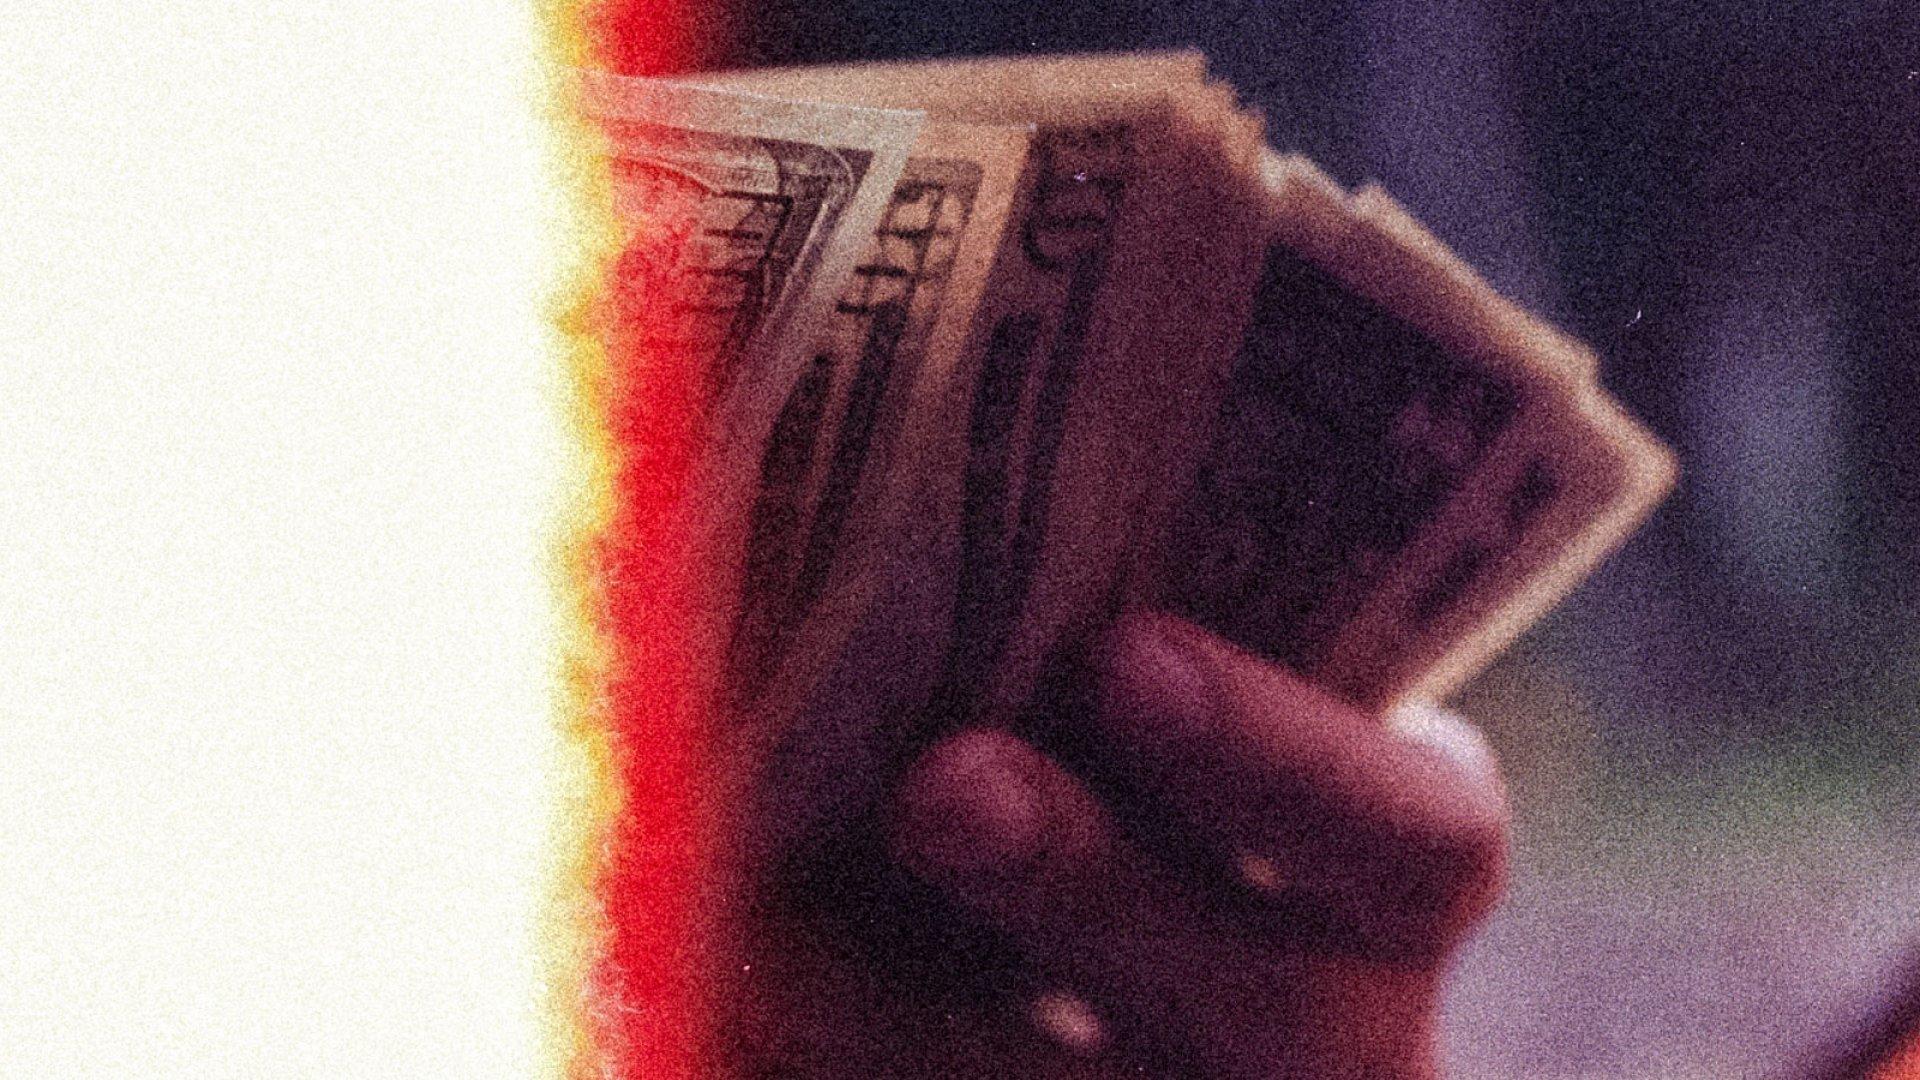 Top 3 Ways Marketers Waste Money